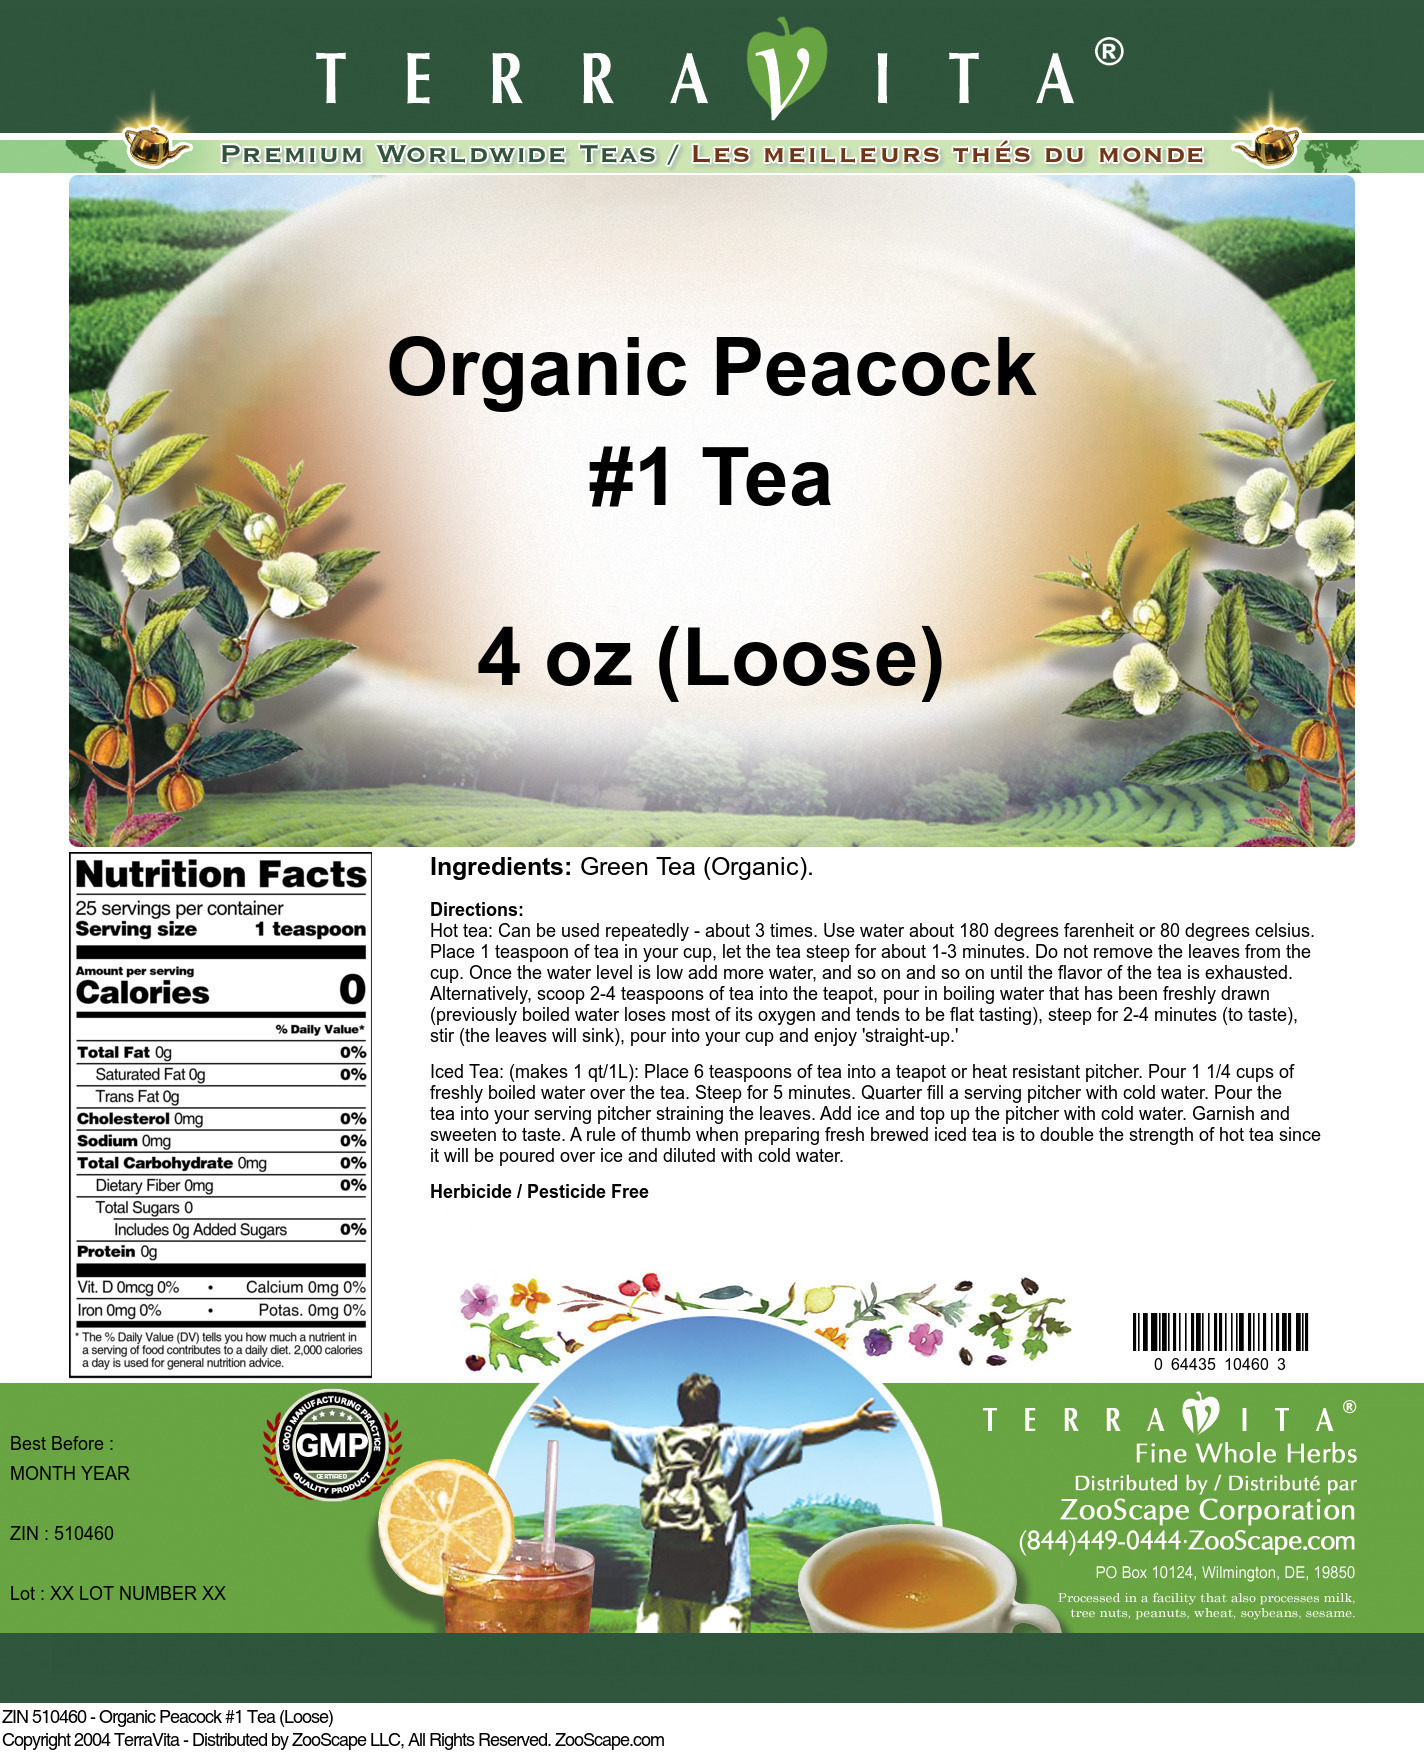 Organic Peacock #1 Tea (Loose)